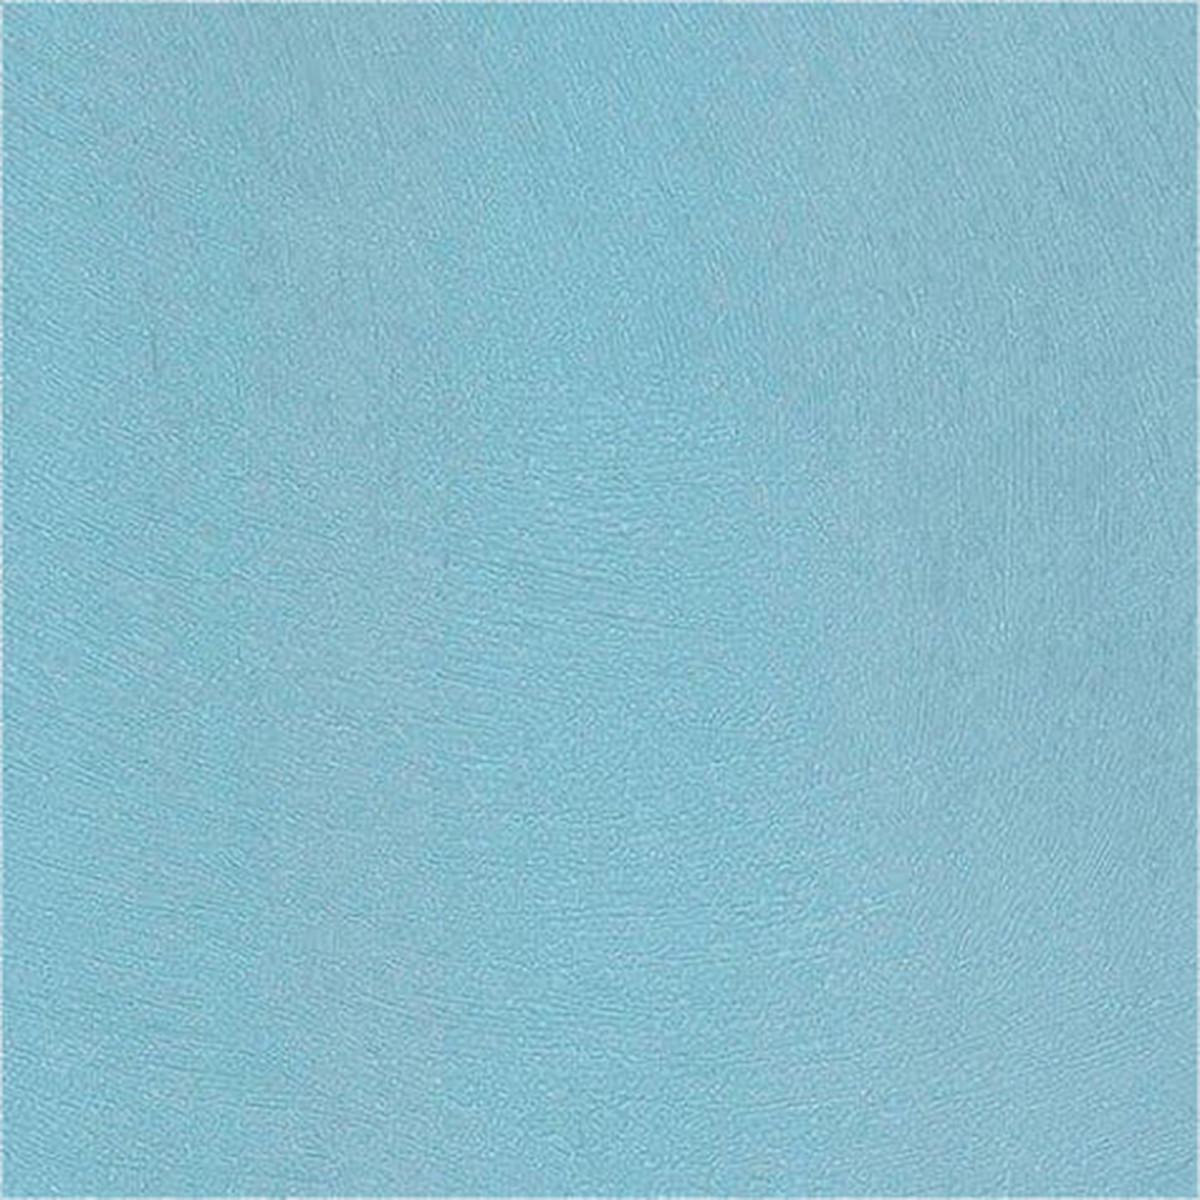 Обои флизелиновые Marburg Colani Evolution голубые 0.70 м 56303